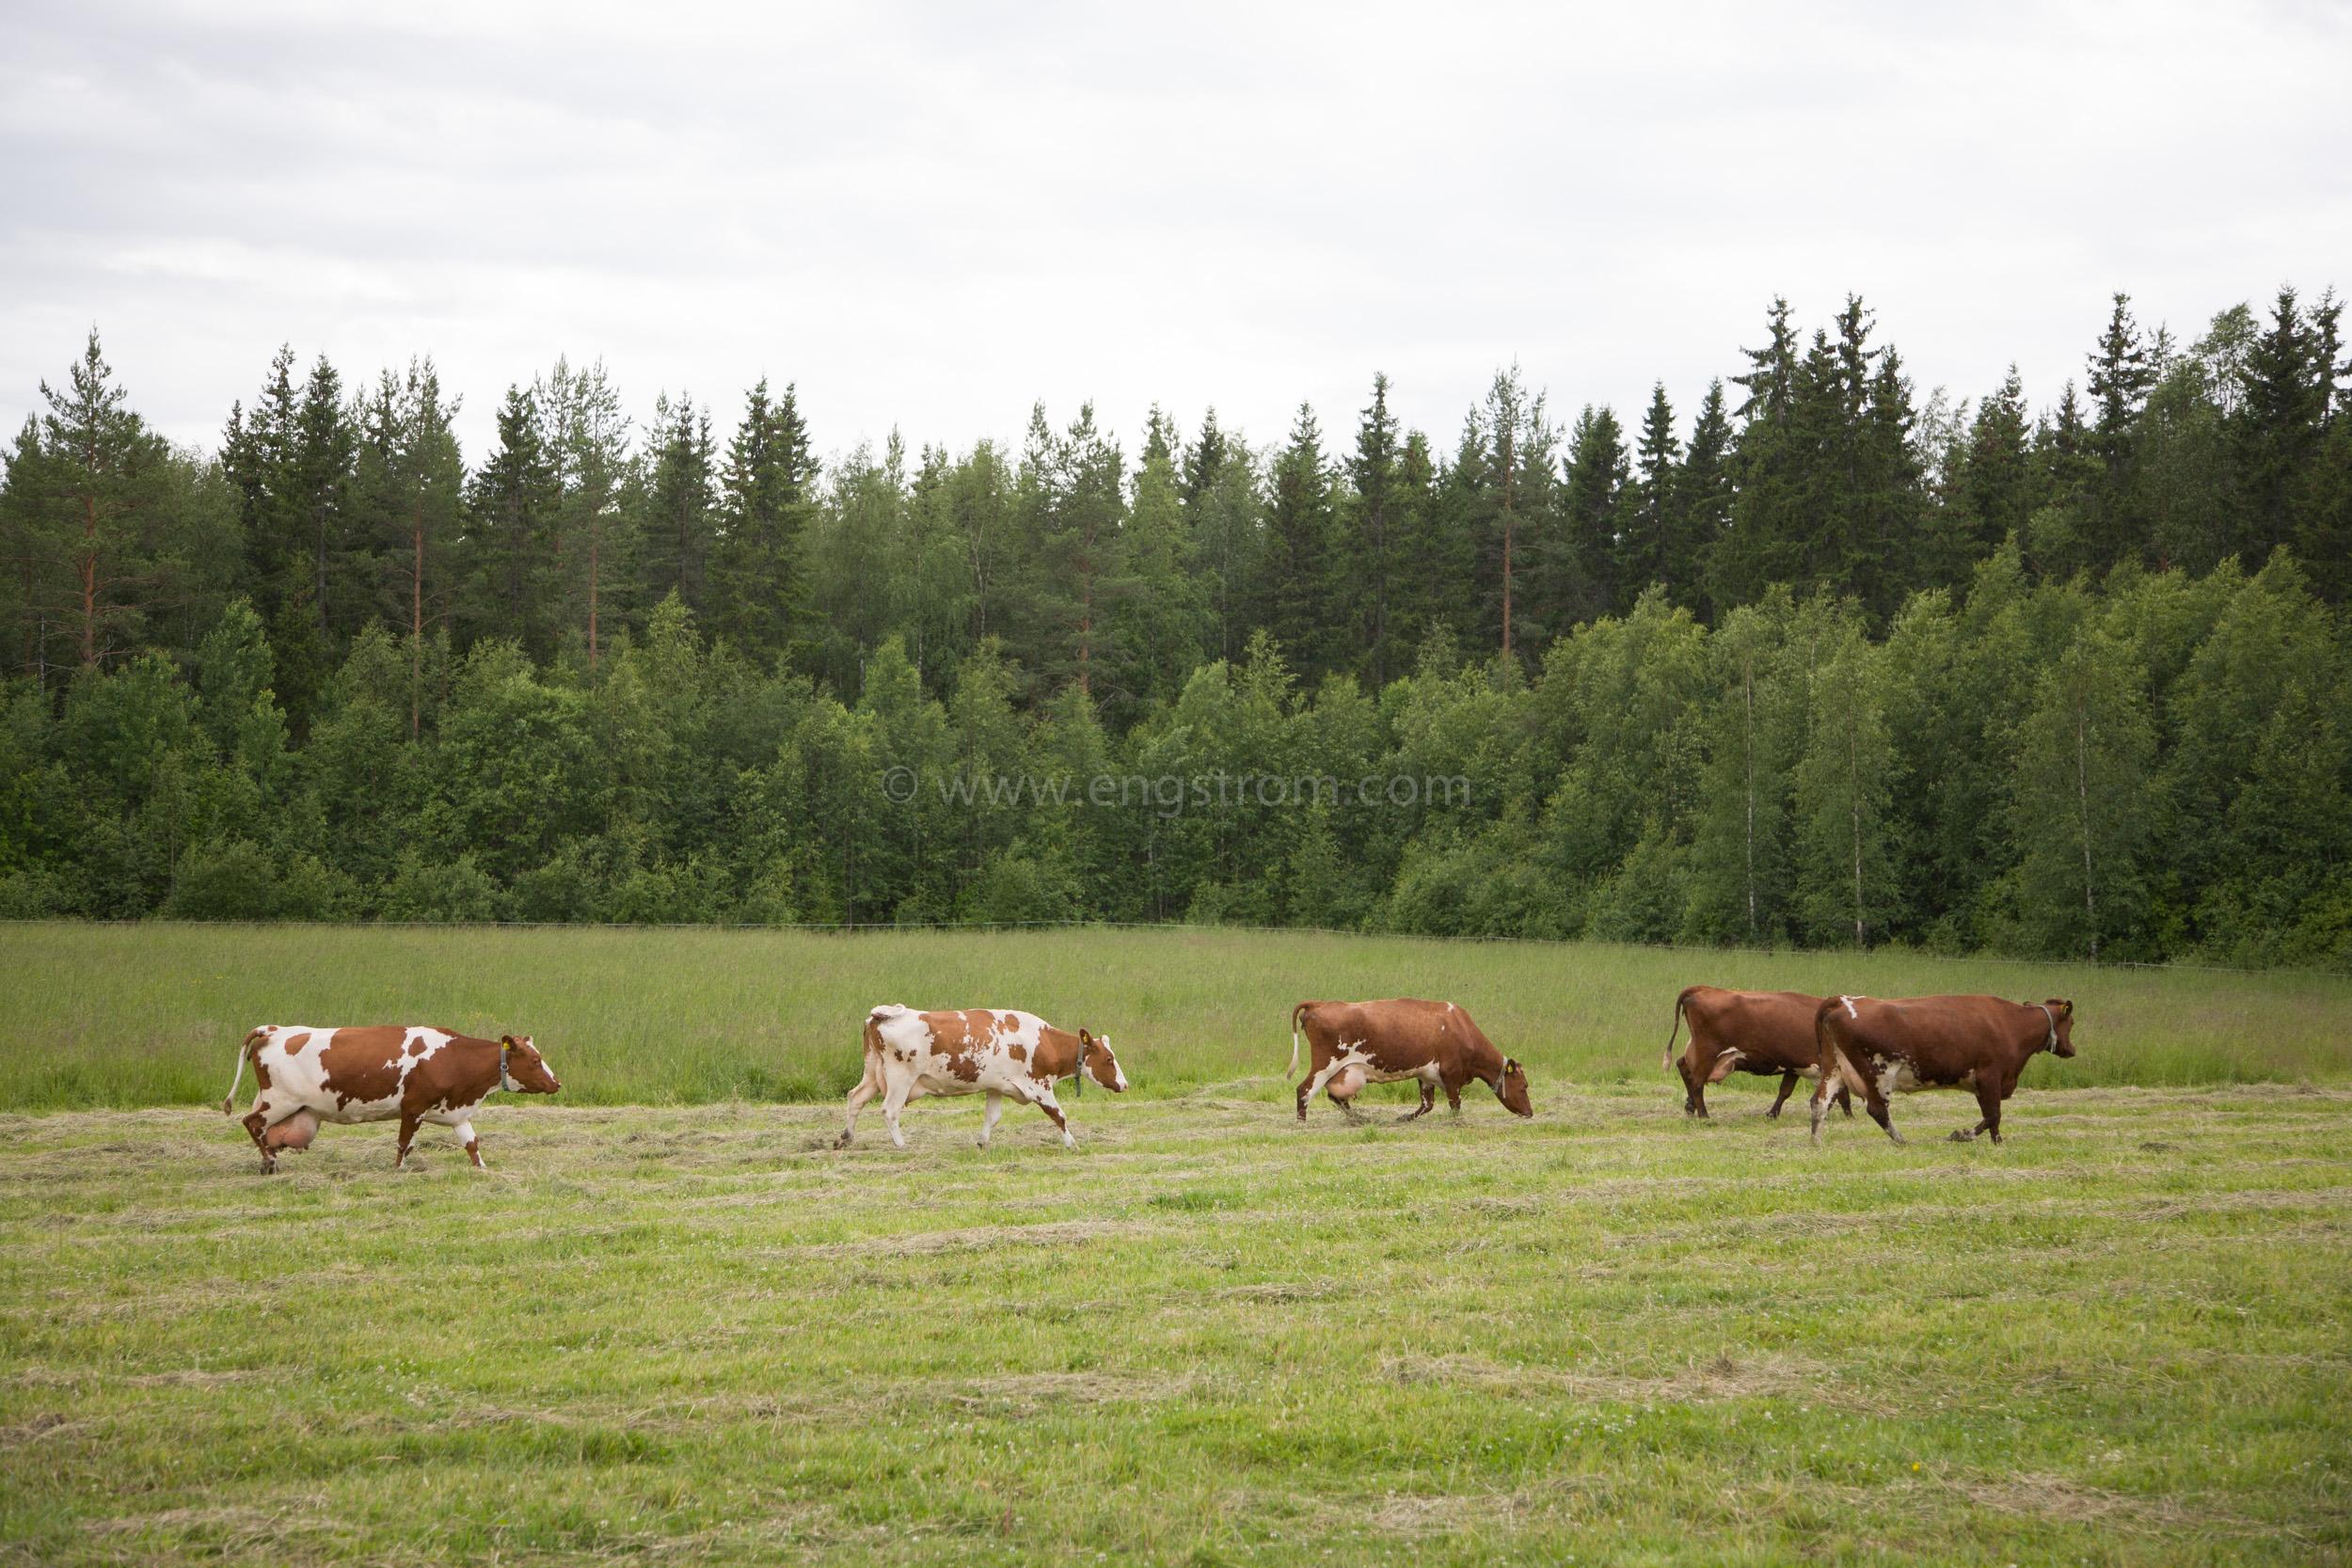 JE_64044, På väg till mjölkning, Jonas Engström